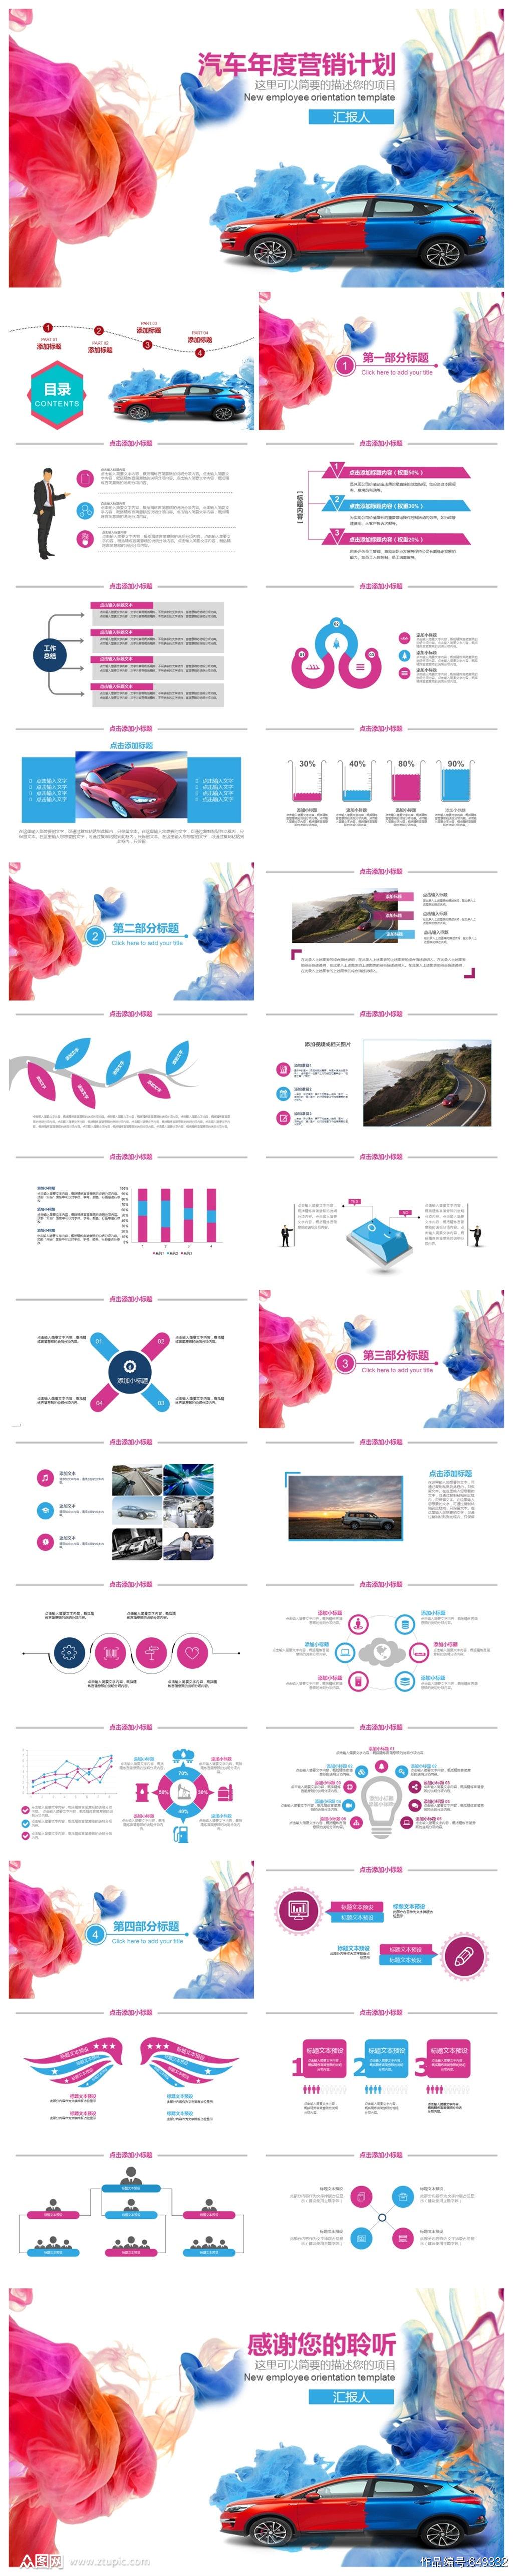 汽车年度营销计划PPT模板素材